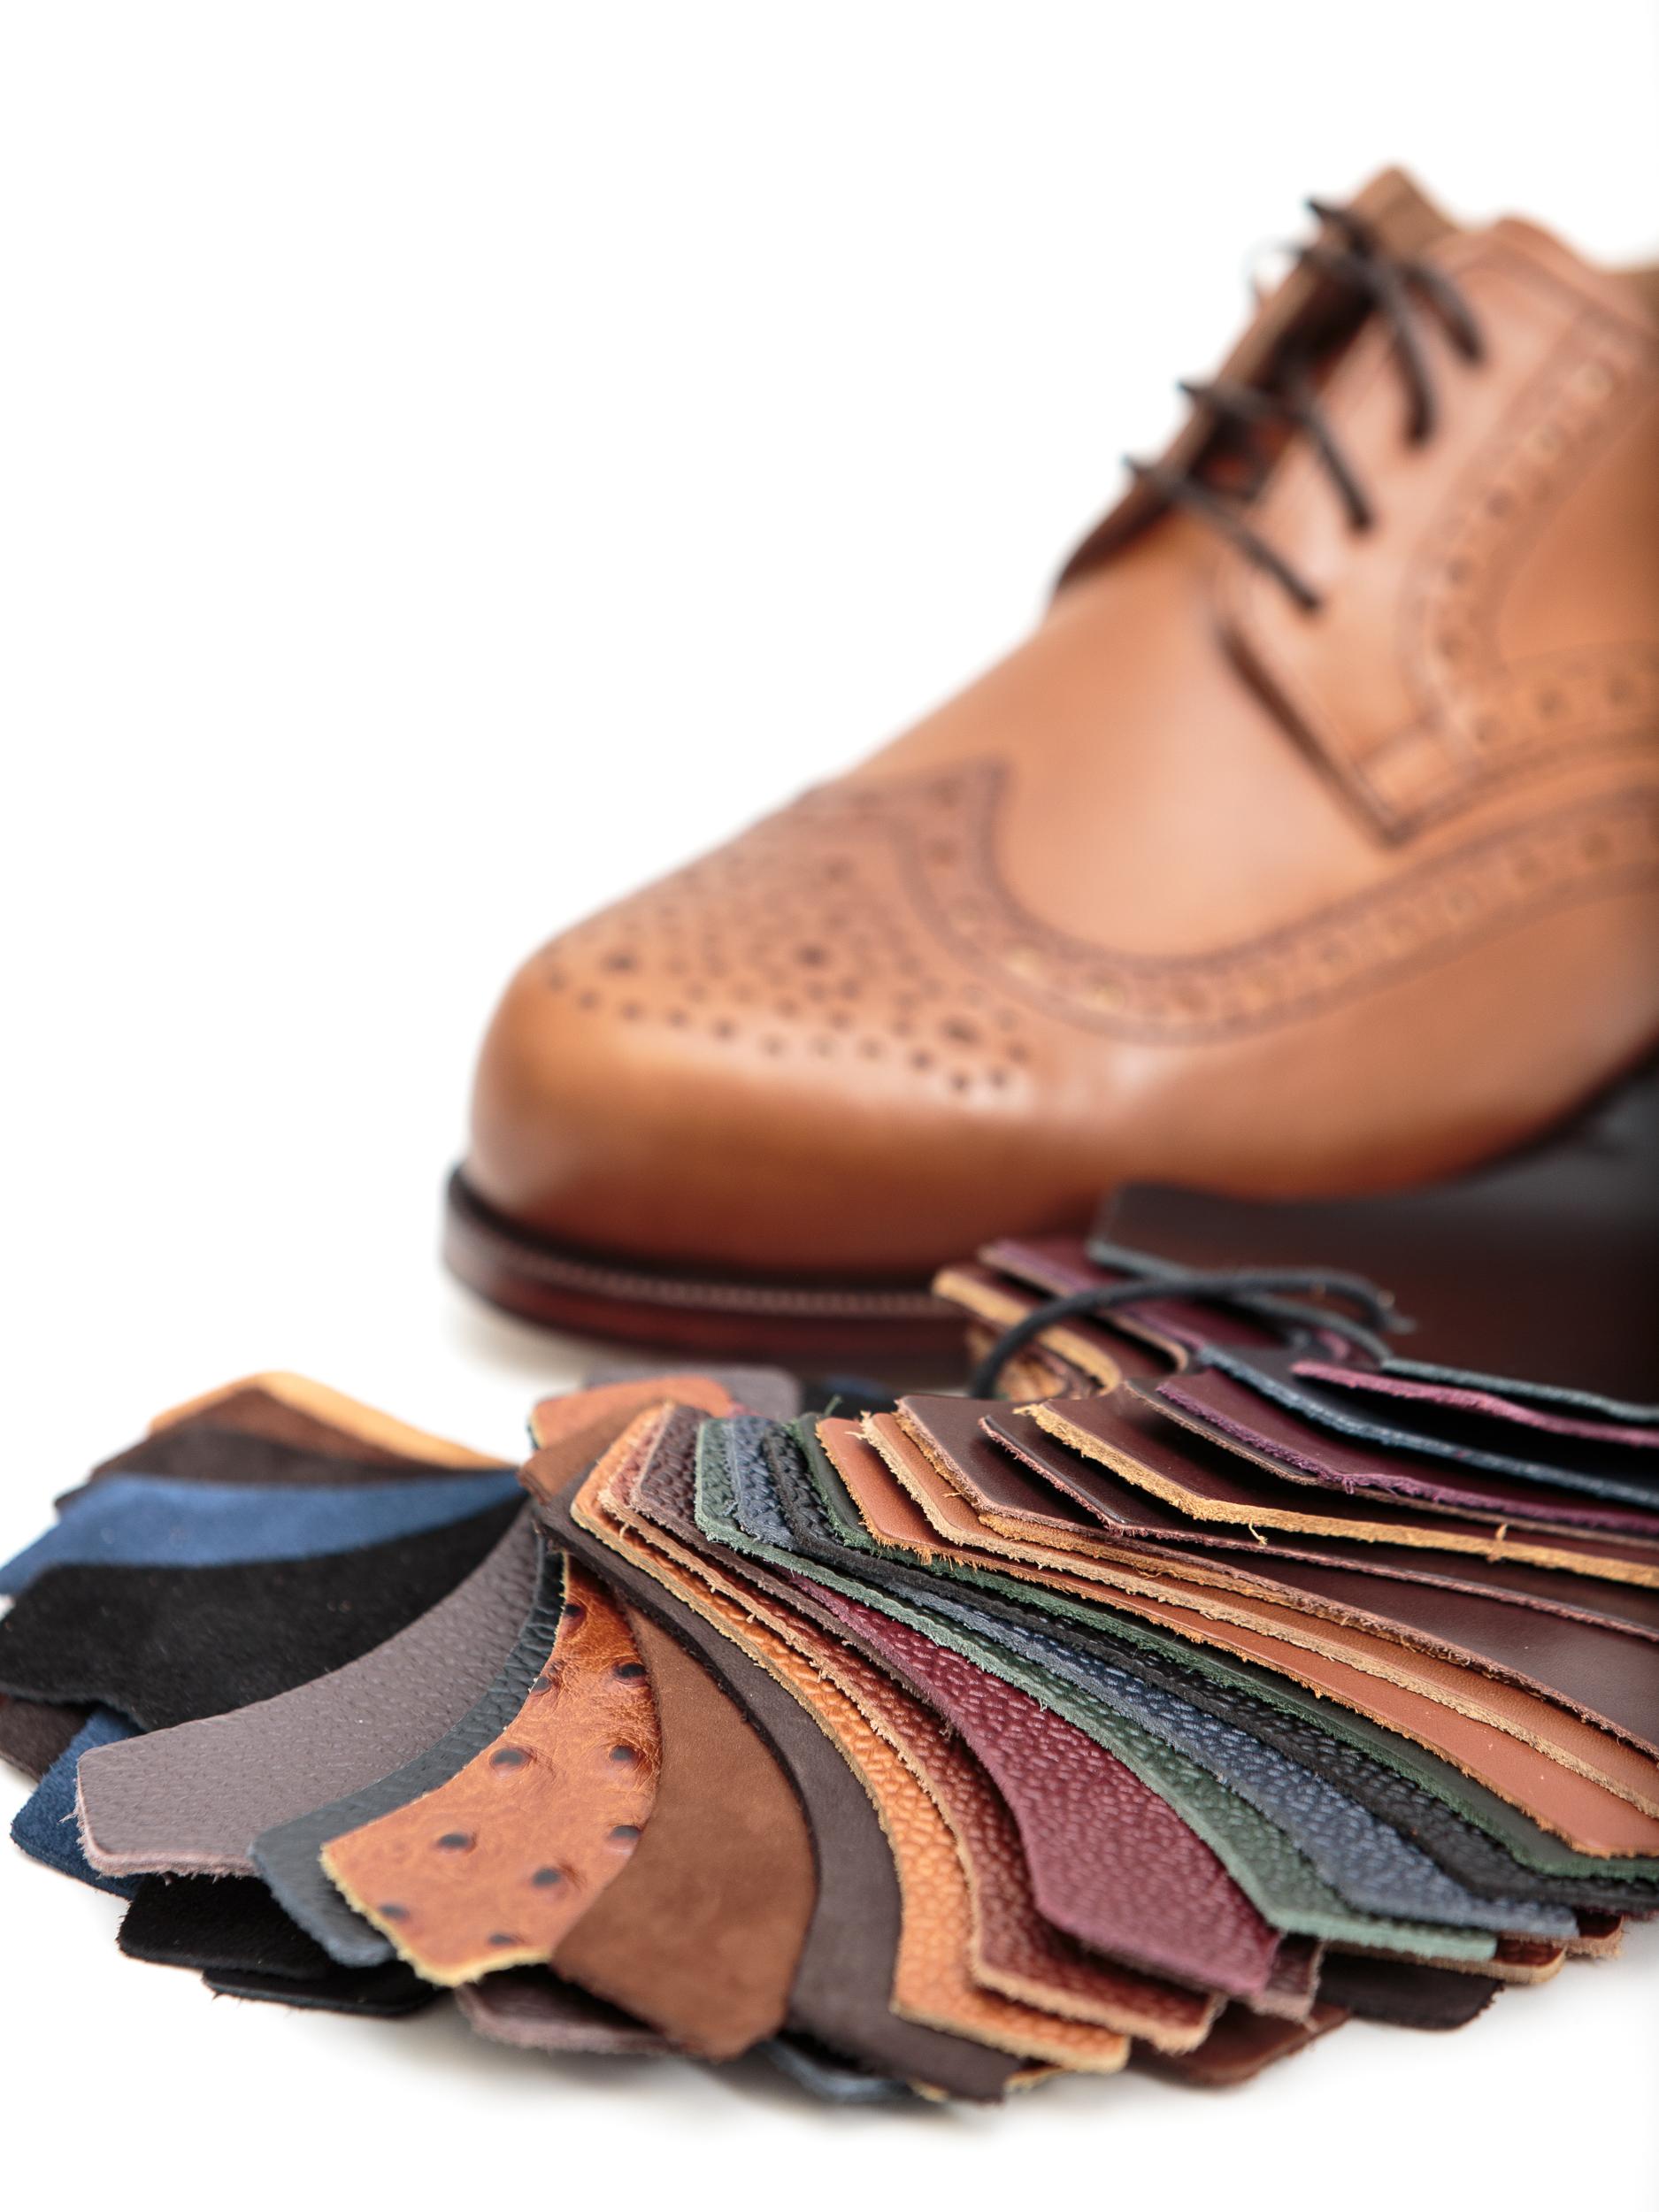 Handmacher Schuhe.jpg